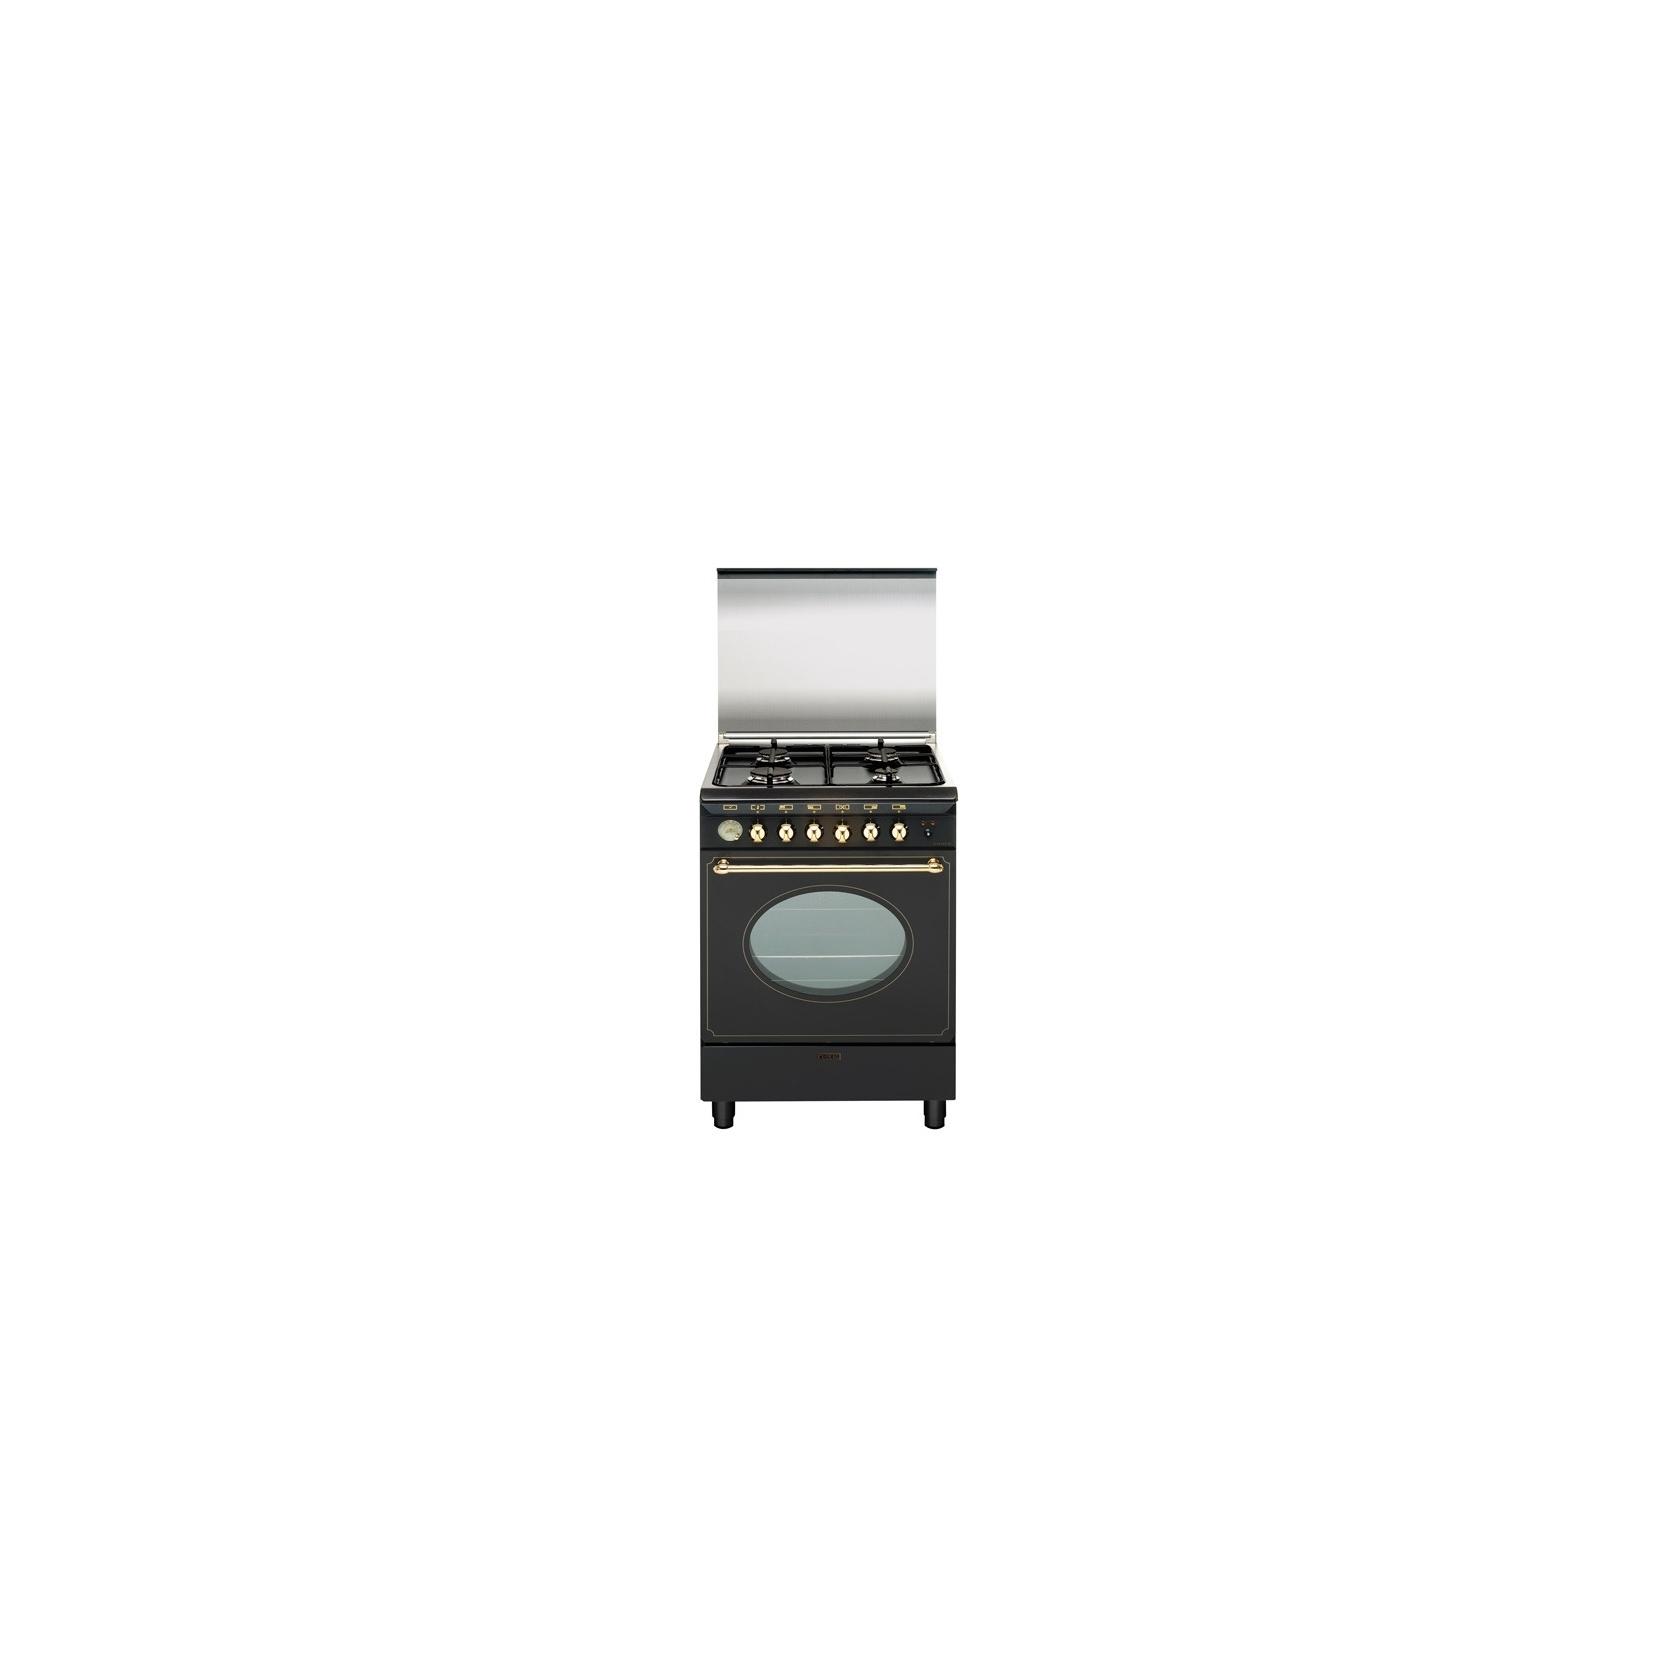 Glem cucina a gas ua66vr3 4 zone cottura forno elettrico 60x60cm colore nero garanzia italia - Whirlpool cucine a gas con forno ...